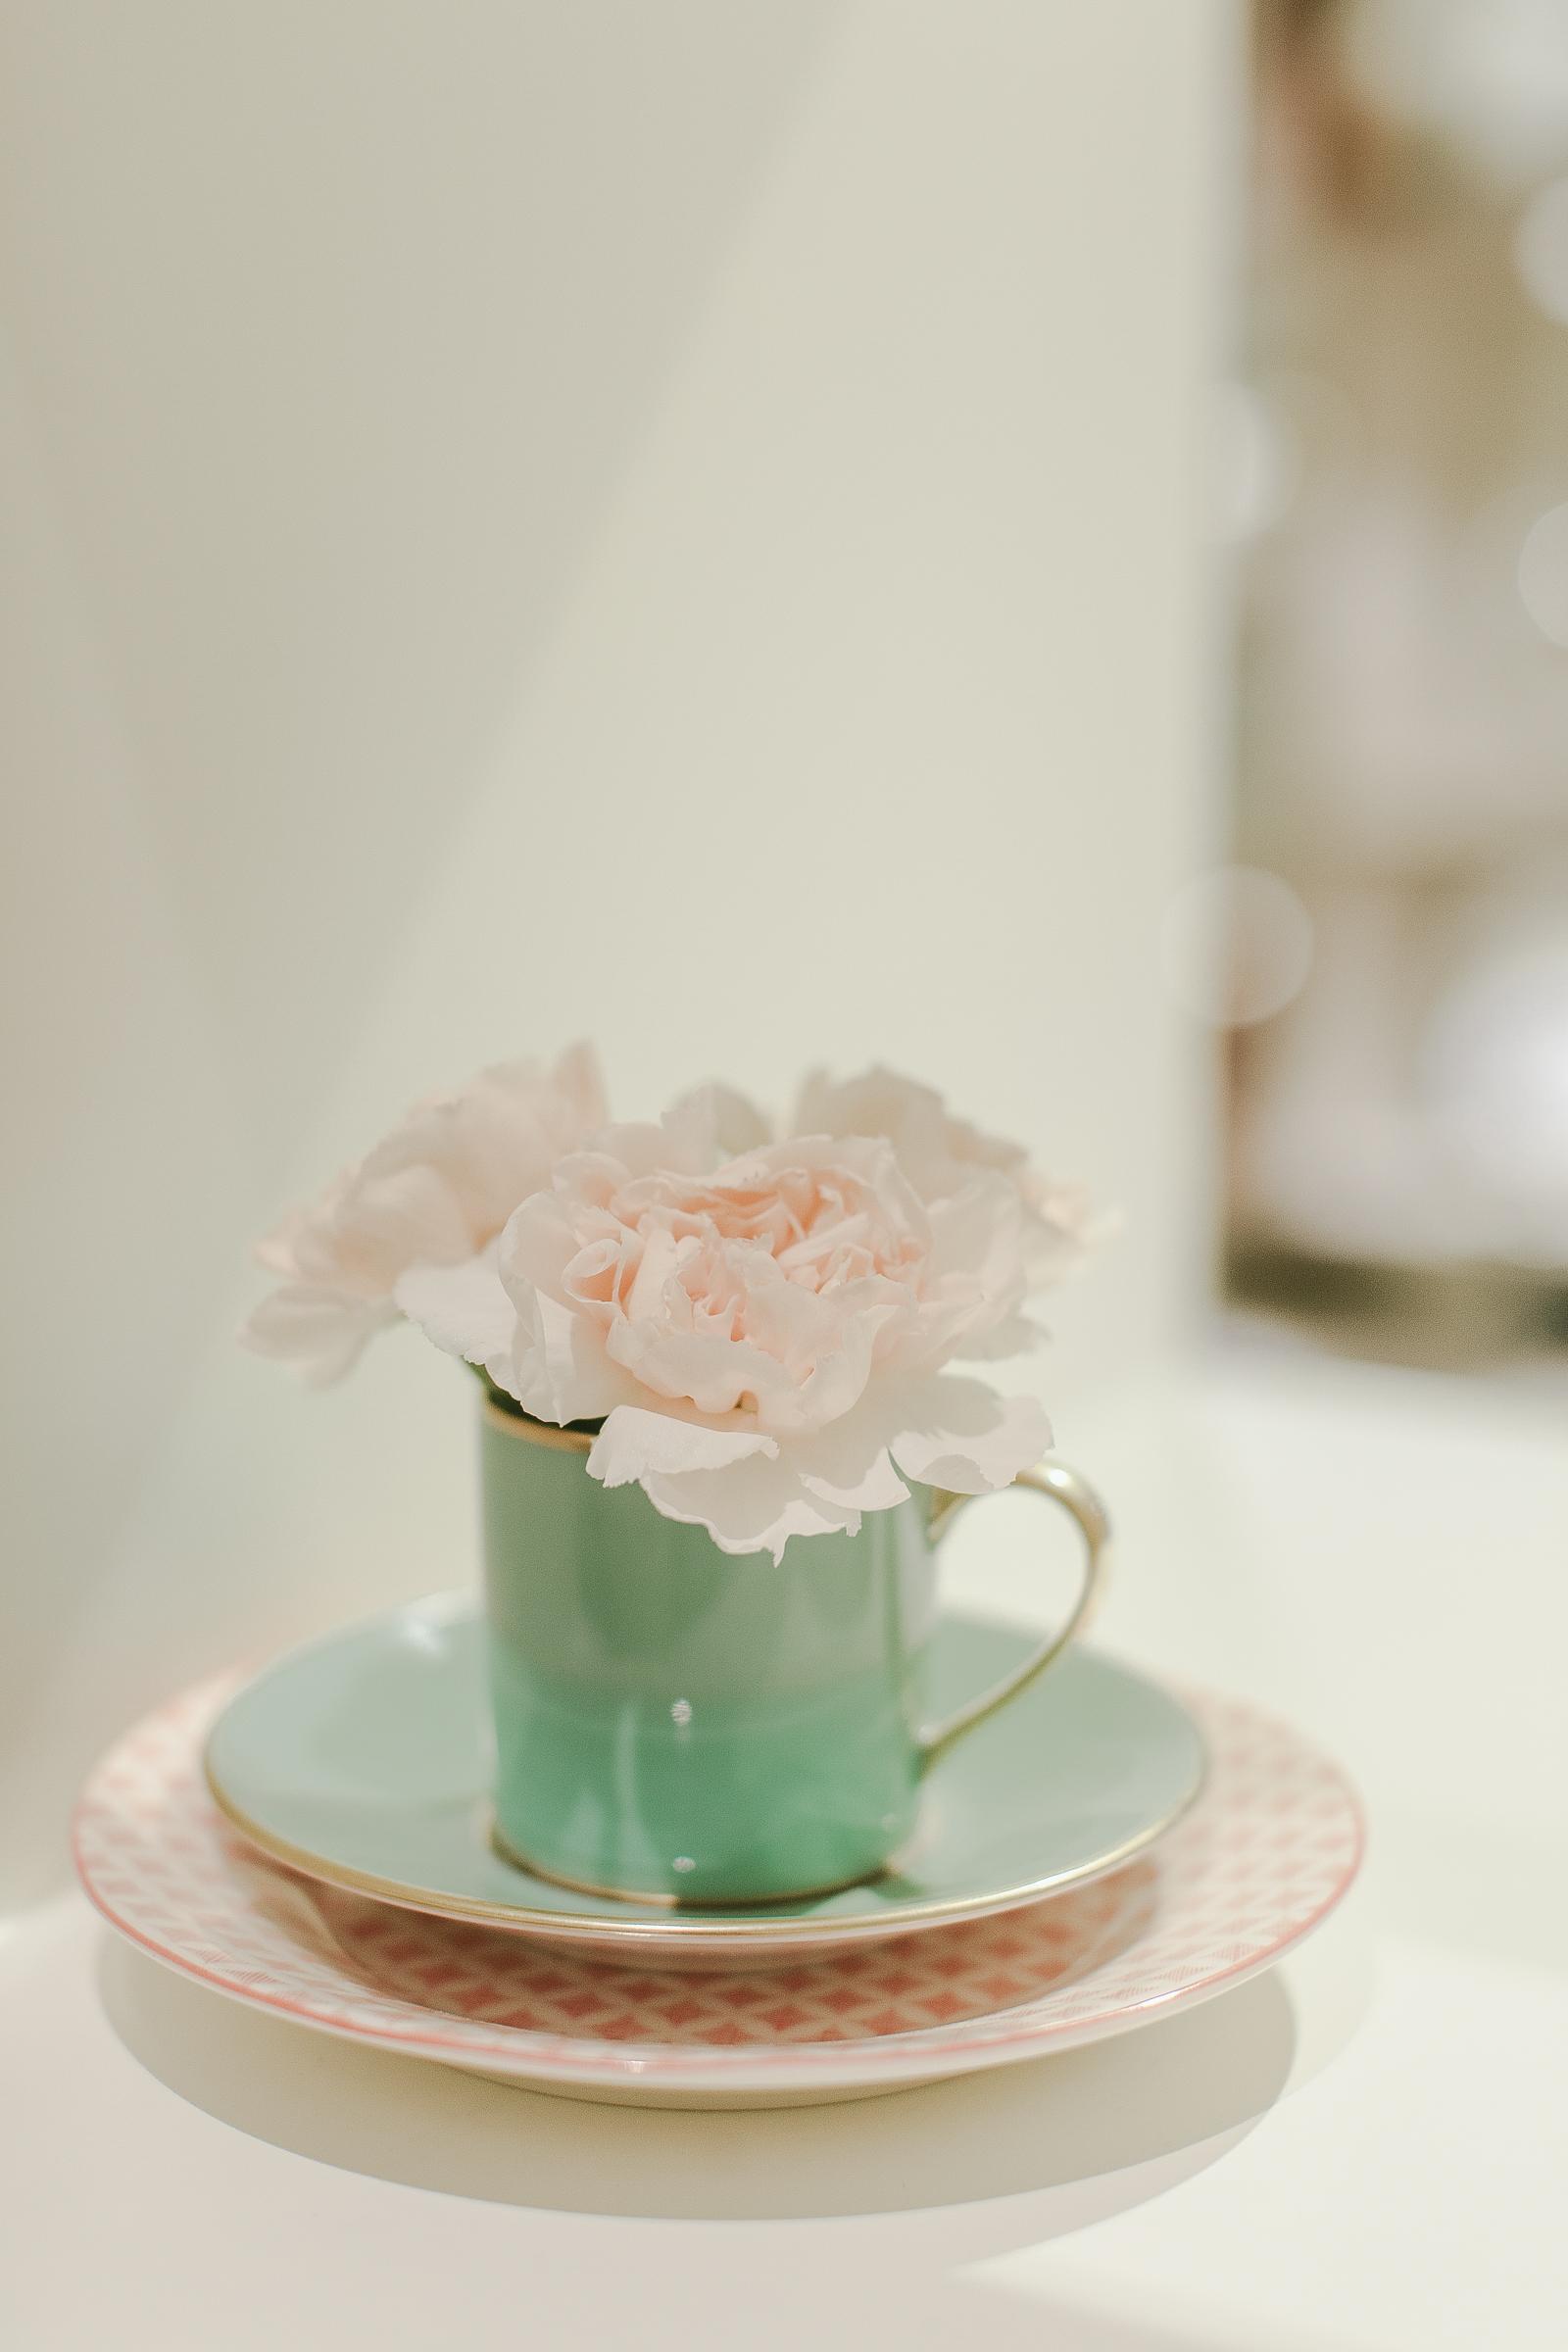 Wedding Gift List Services : Wedding Gift List Service From The Wedding Shop The Wedding Shop at ...